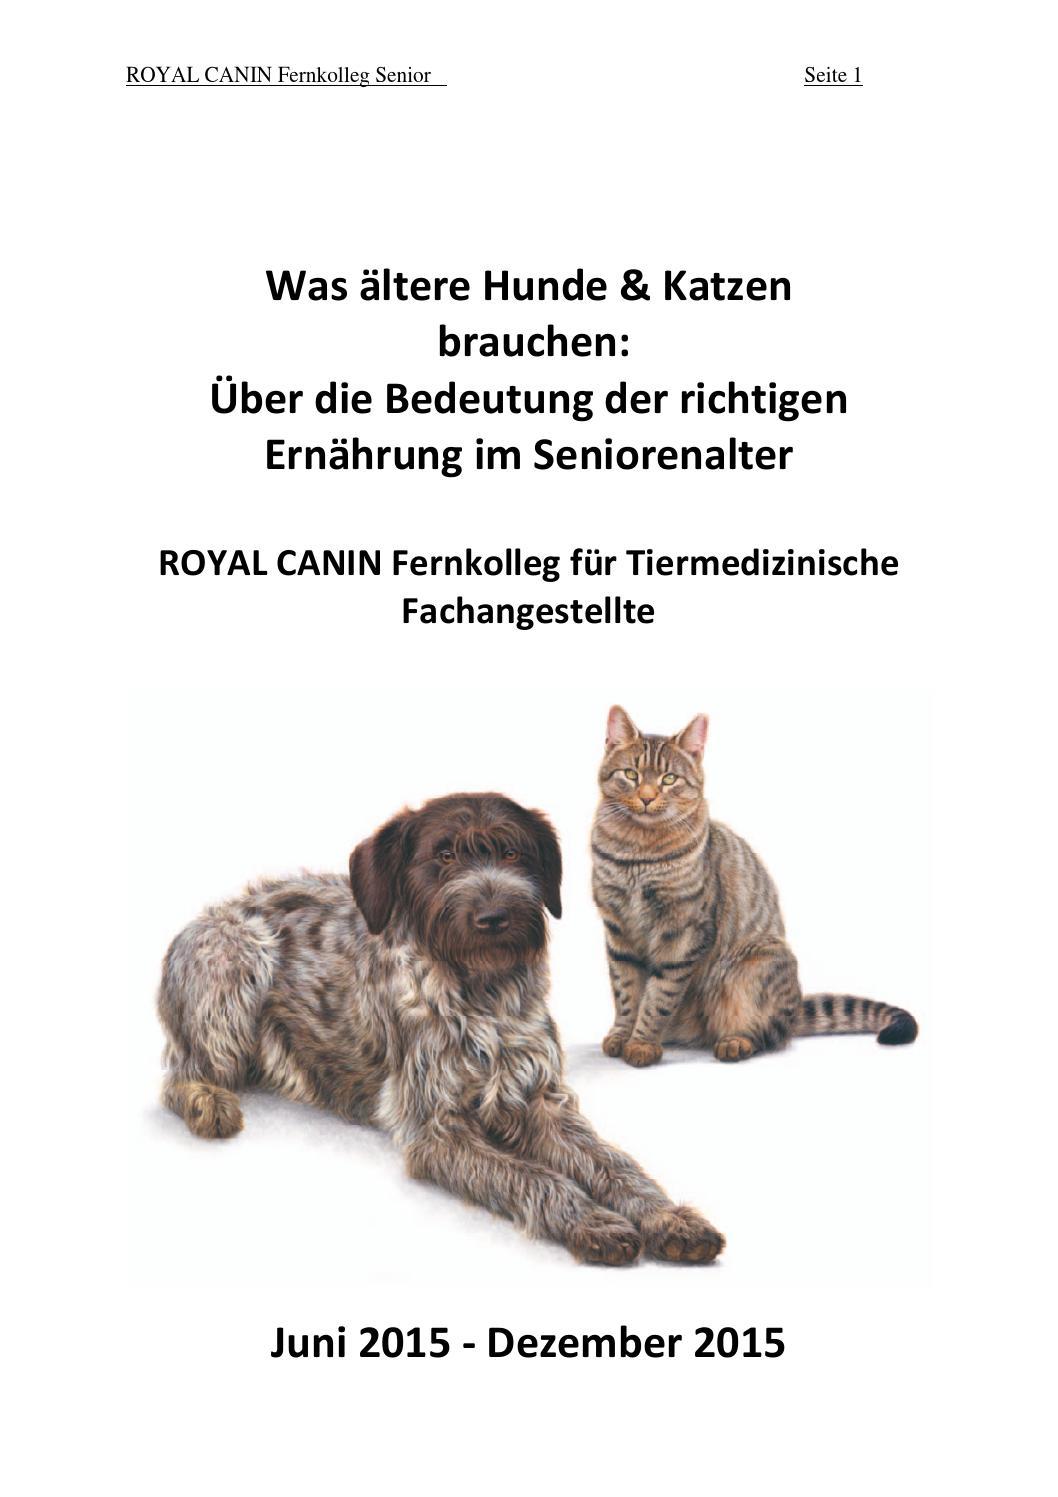 Royal Canin plötzlichen Gewichtsverlust